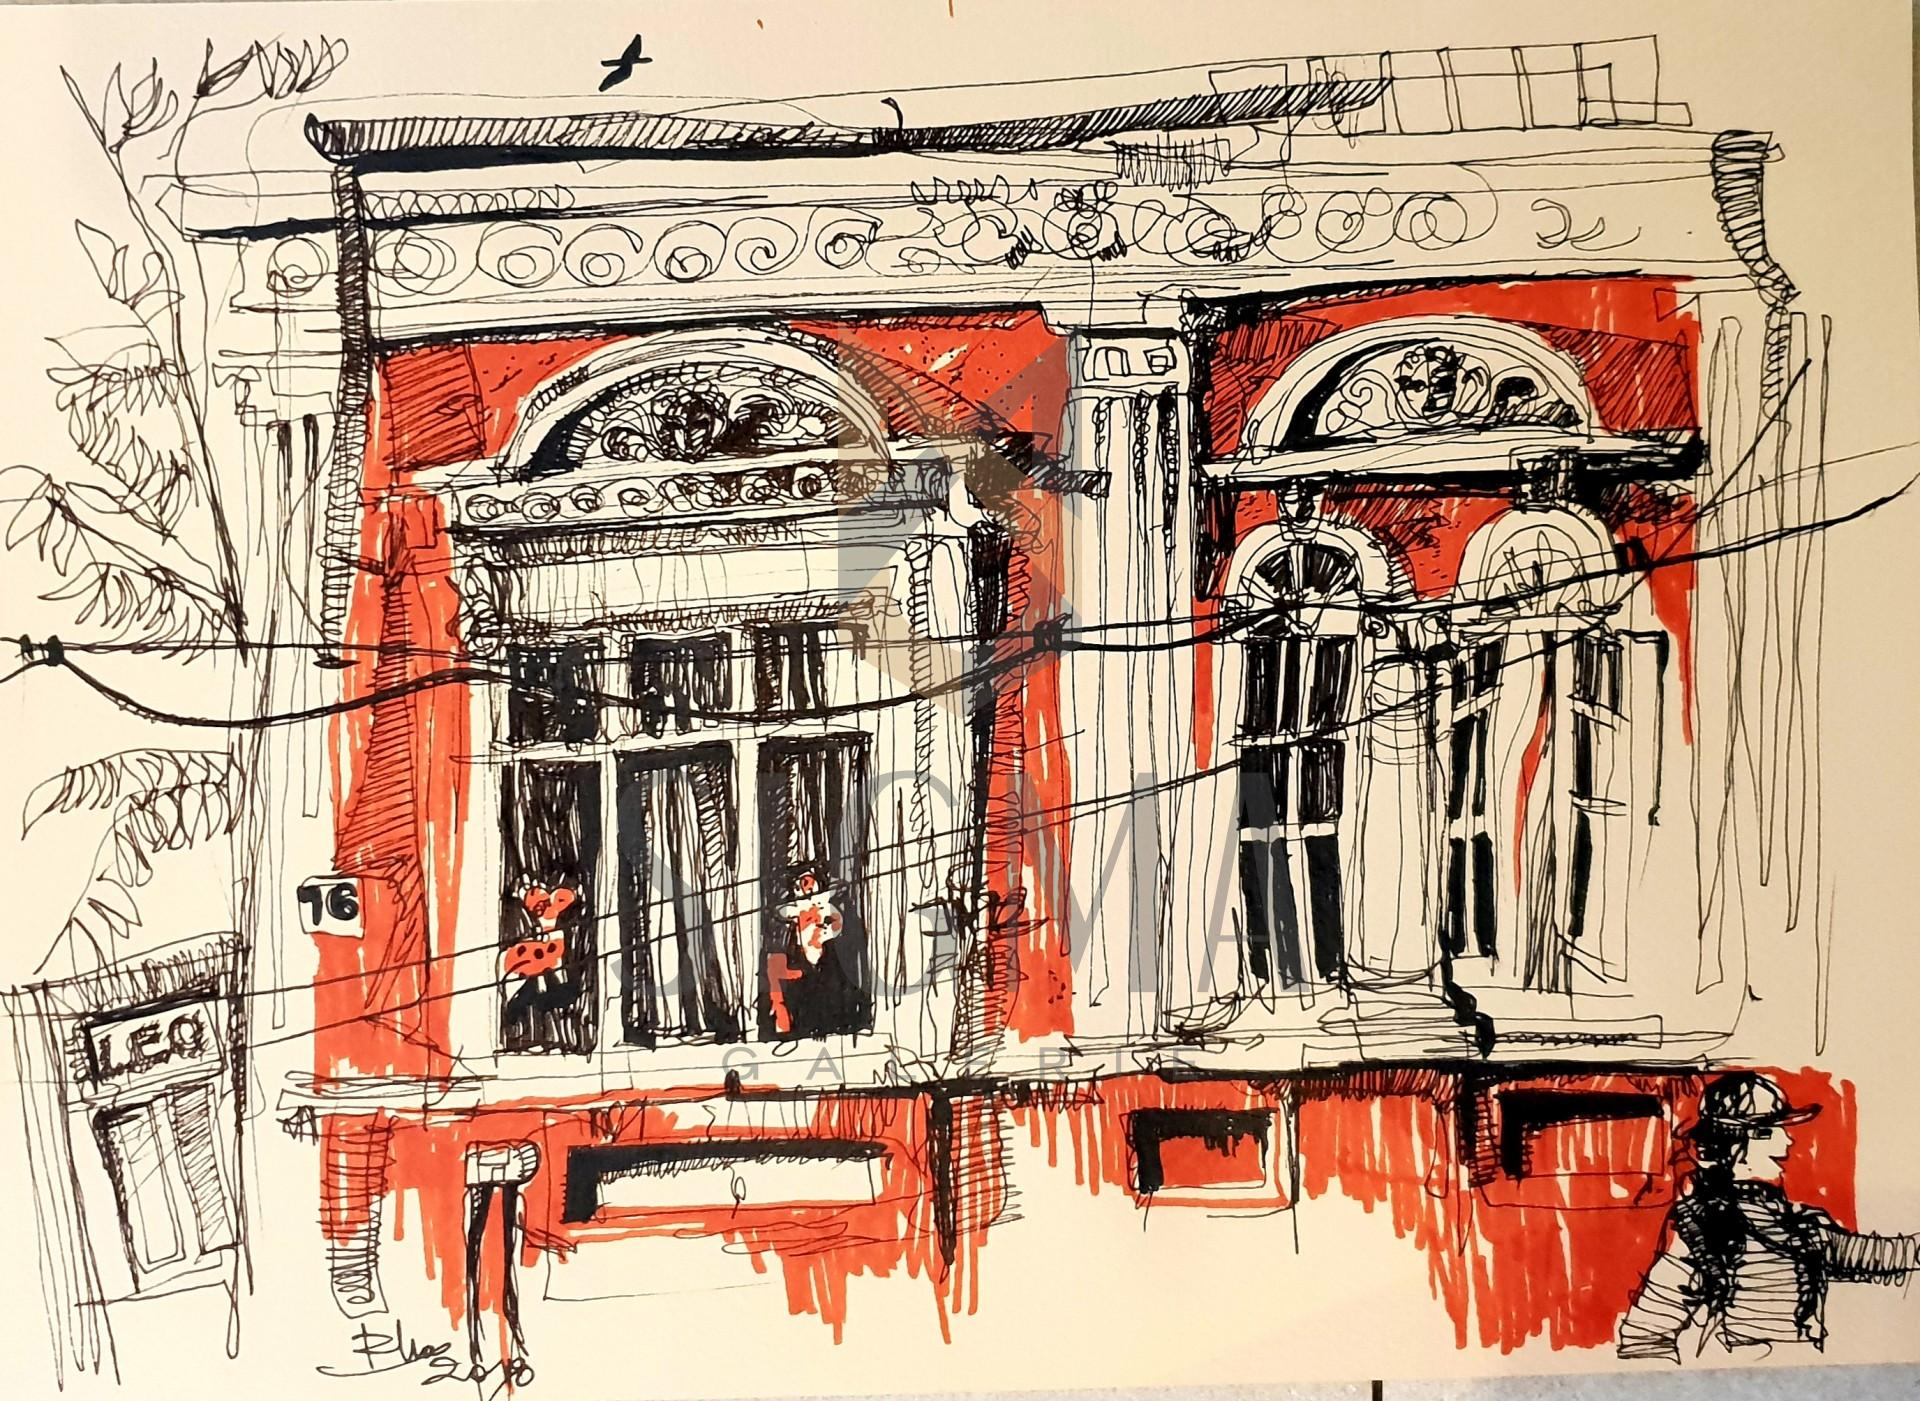 Tablou, Casa pe strada Mircea Vulcanescu,   Autor: Raluca Morariu, Tehnica: tus pe hartie Canson, Dimensiuni: 30 x 21 cm